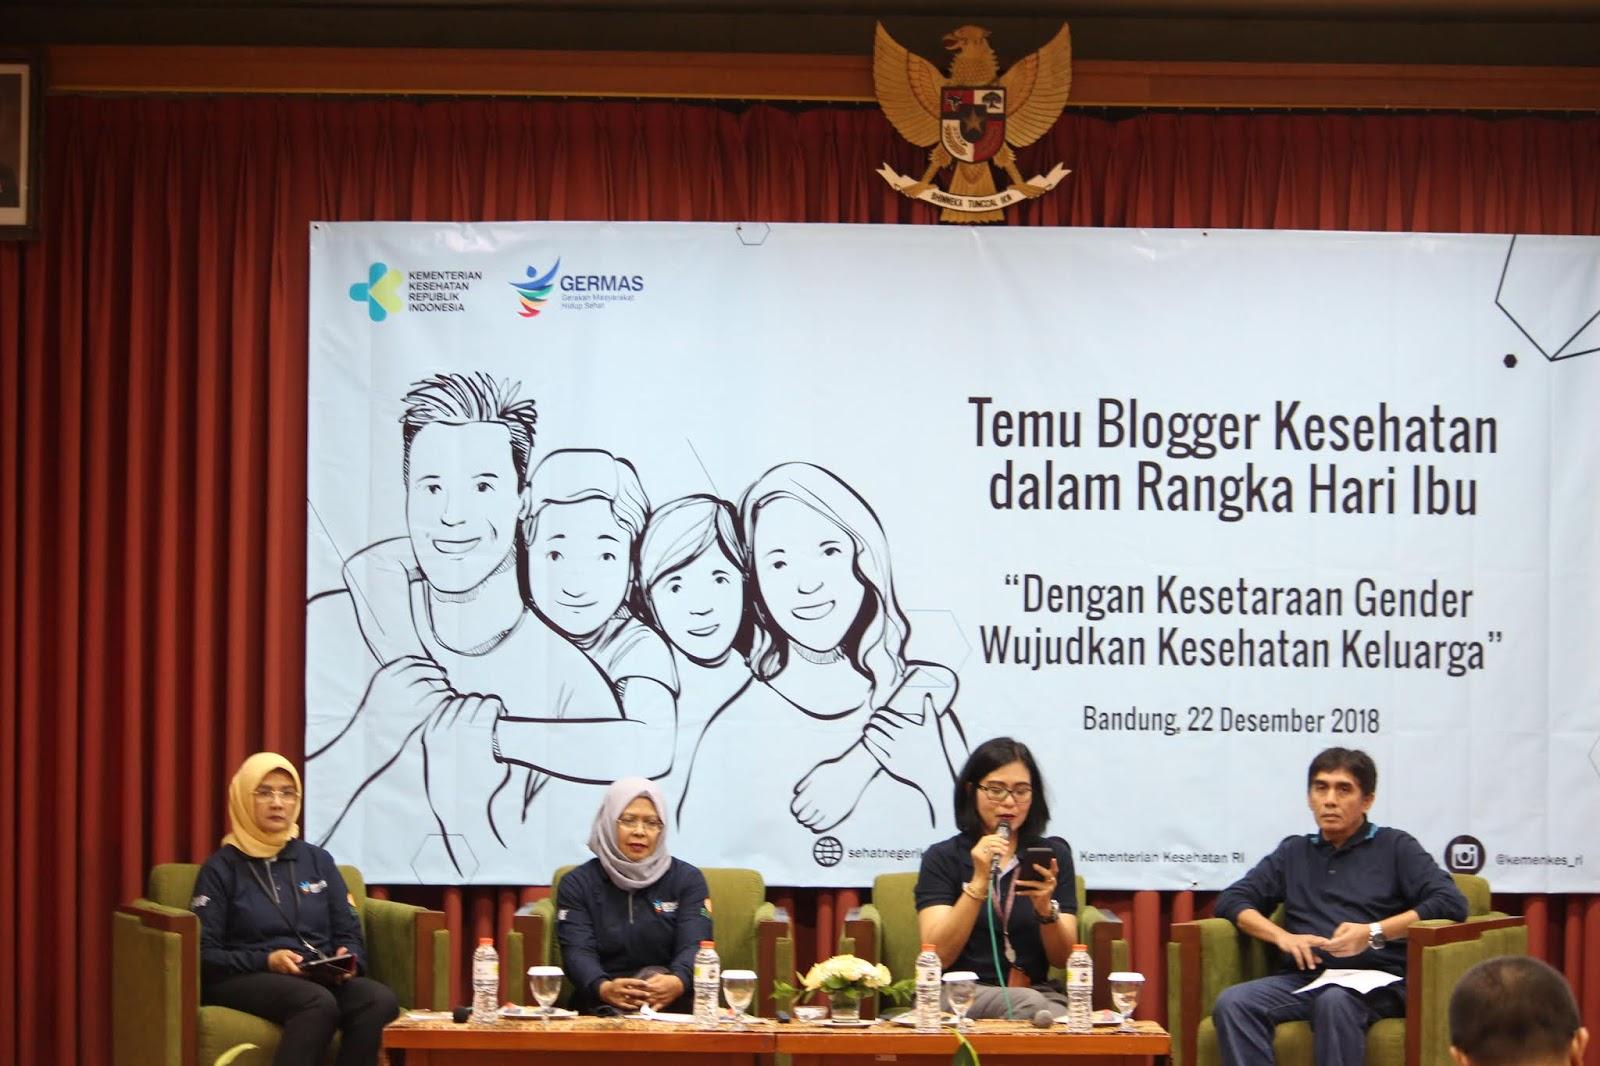 Seberapa Penting Kesetaraan Gender Untuk Mewujudkan Kesehatan Keluarga?